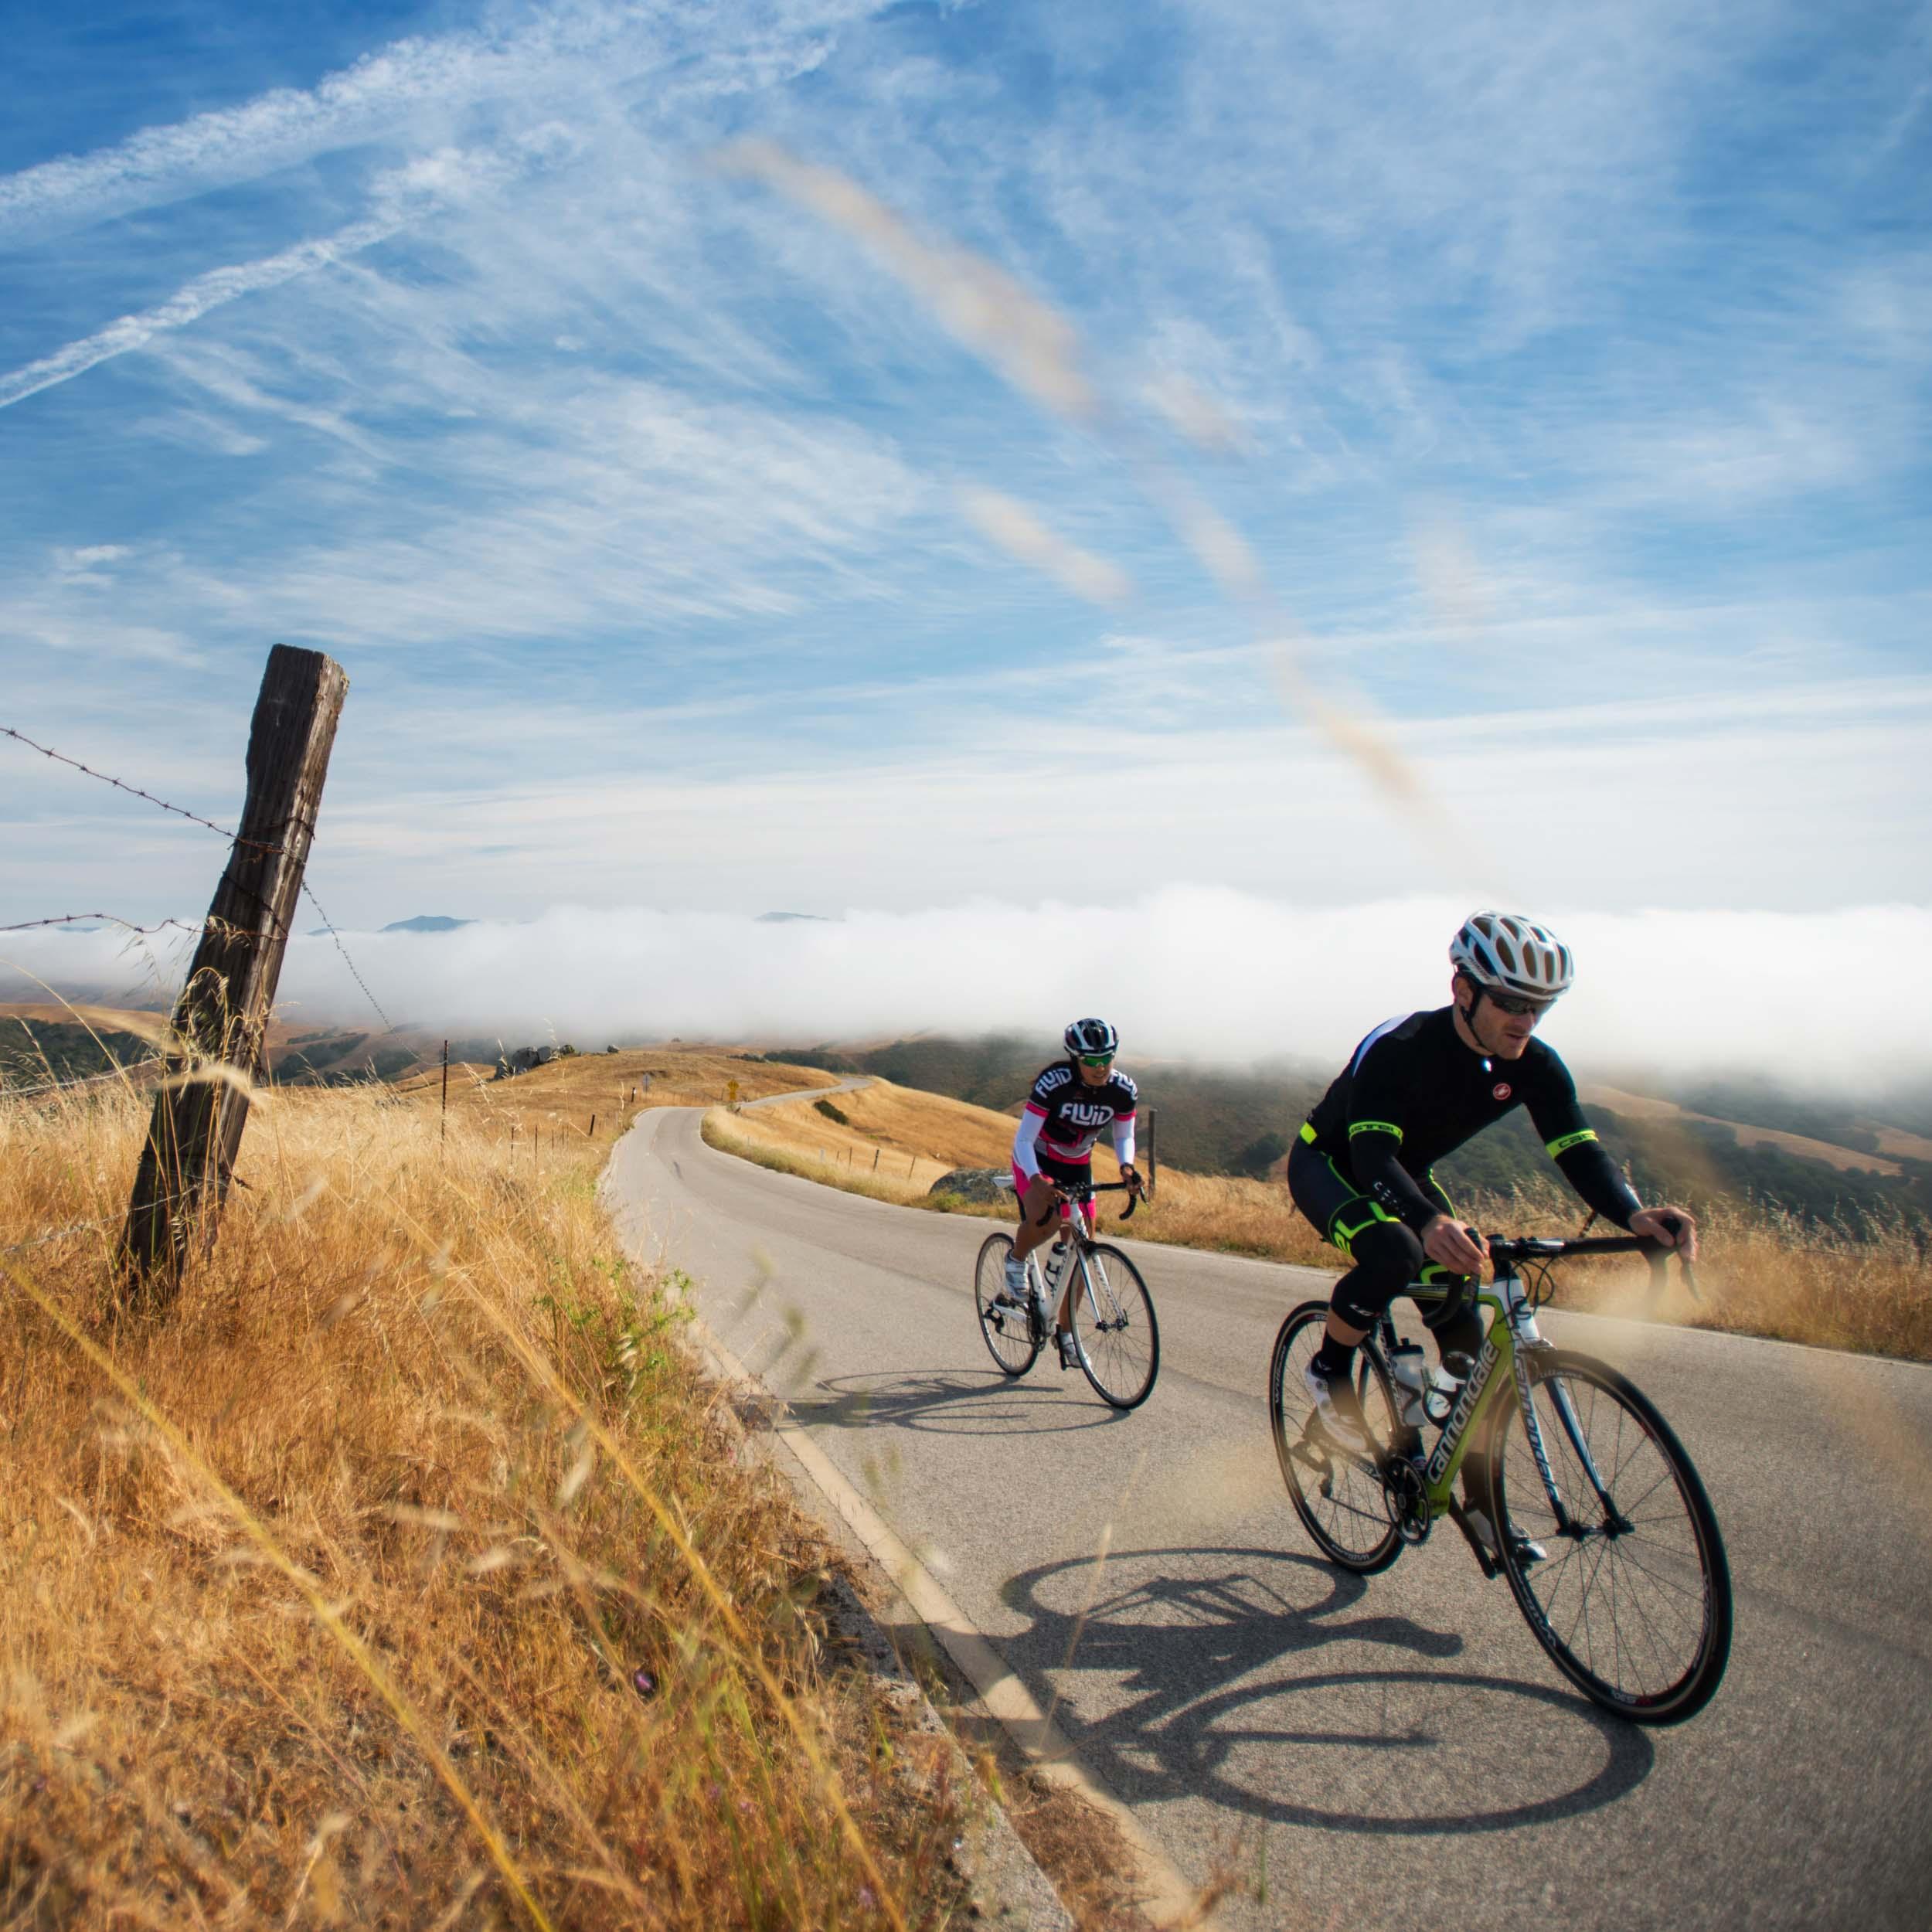 kman_cyclery_group_road_ride_crop_w.jpg